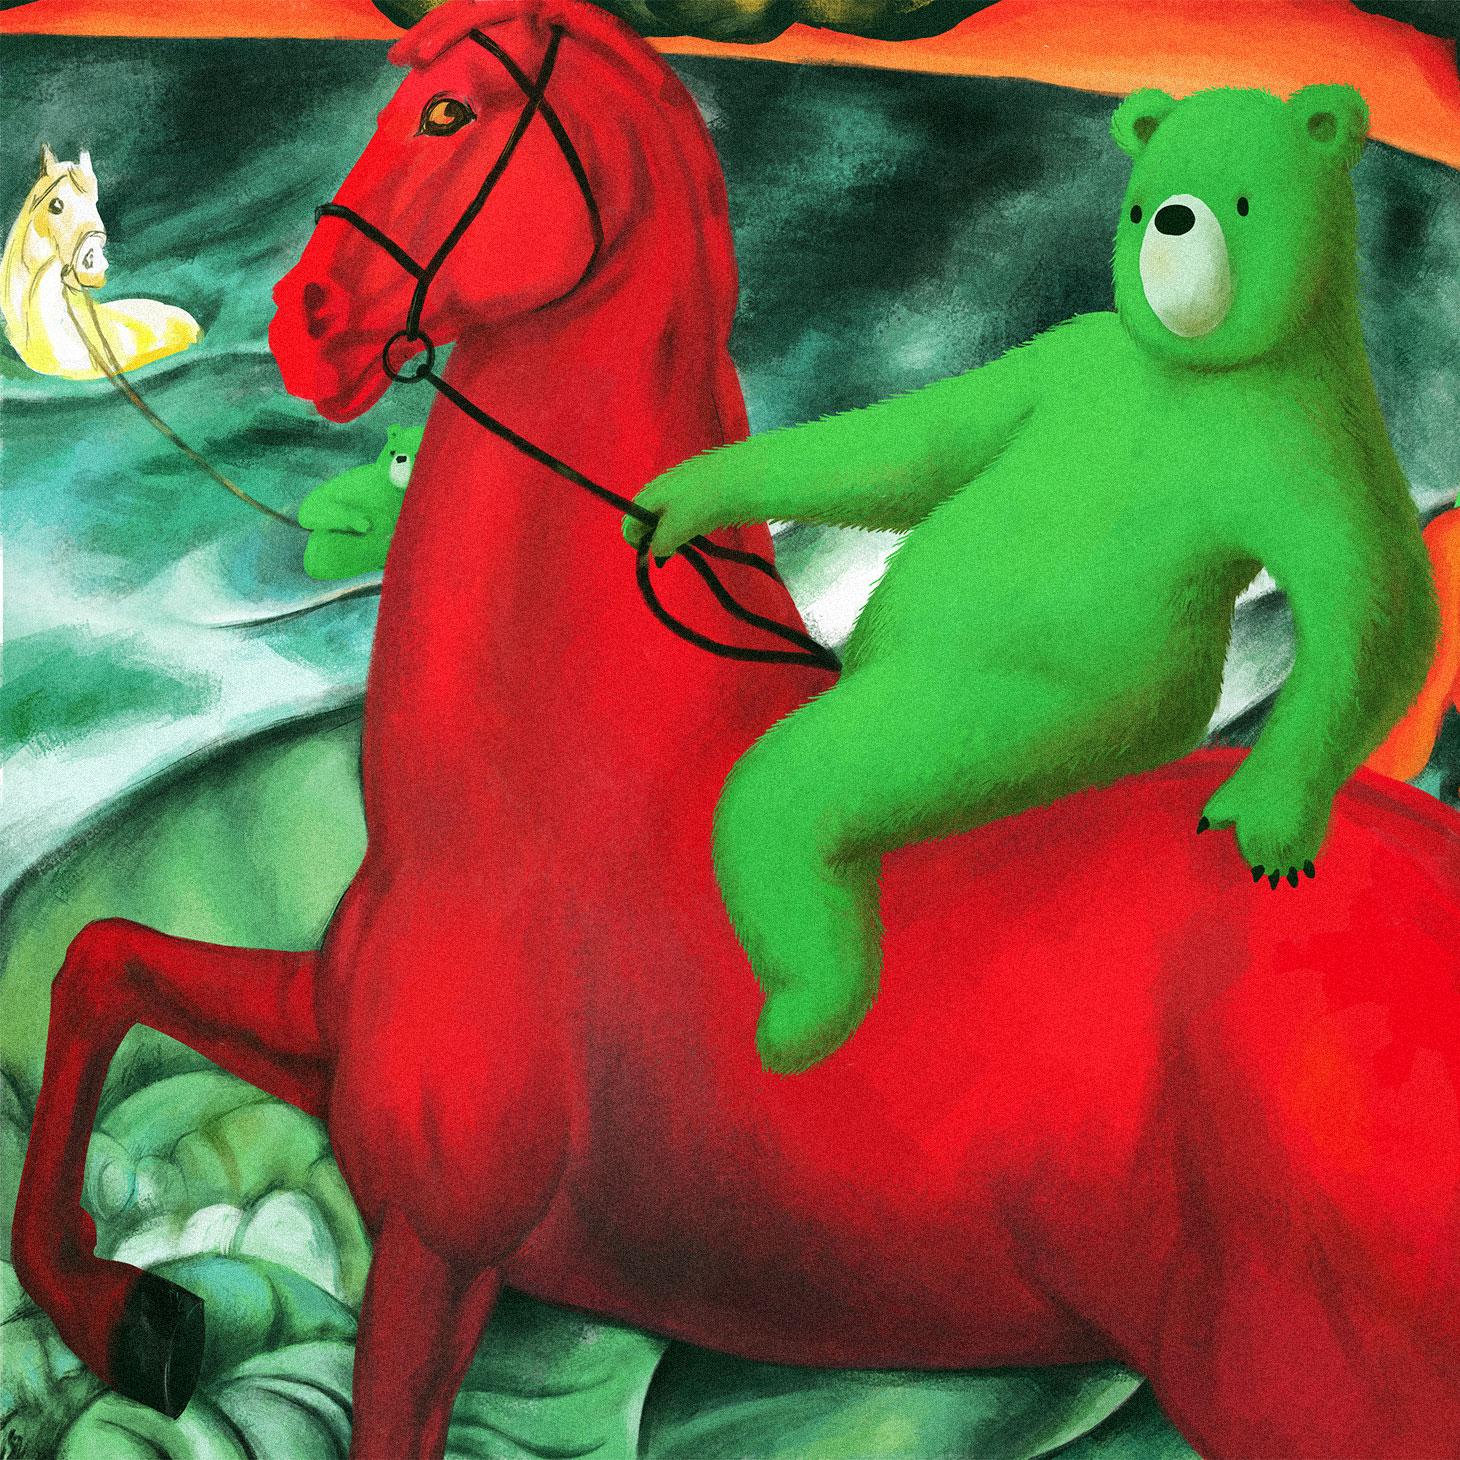 クジマ・ペトロフ=ヴォートキン『赤馬の水浴』